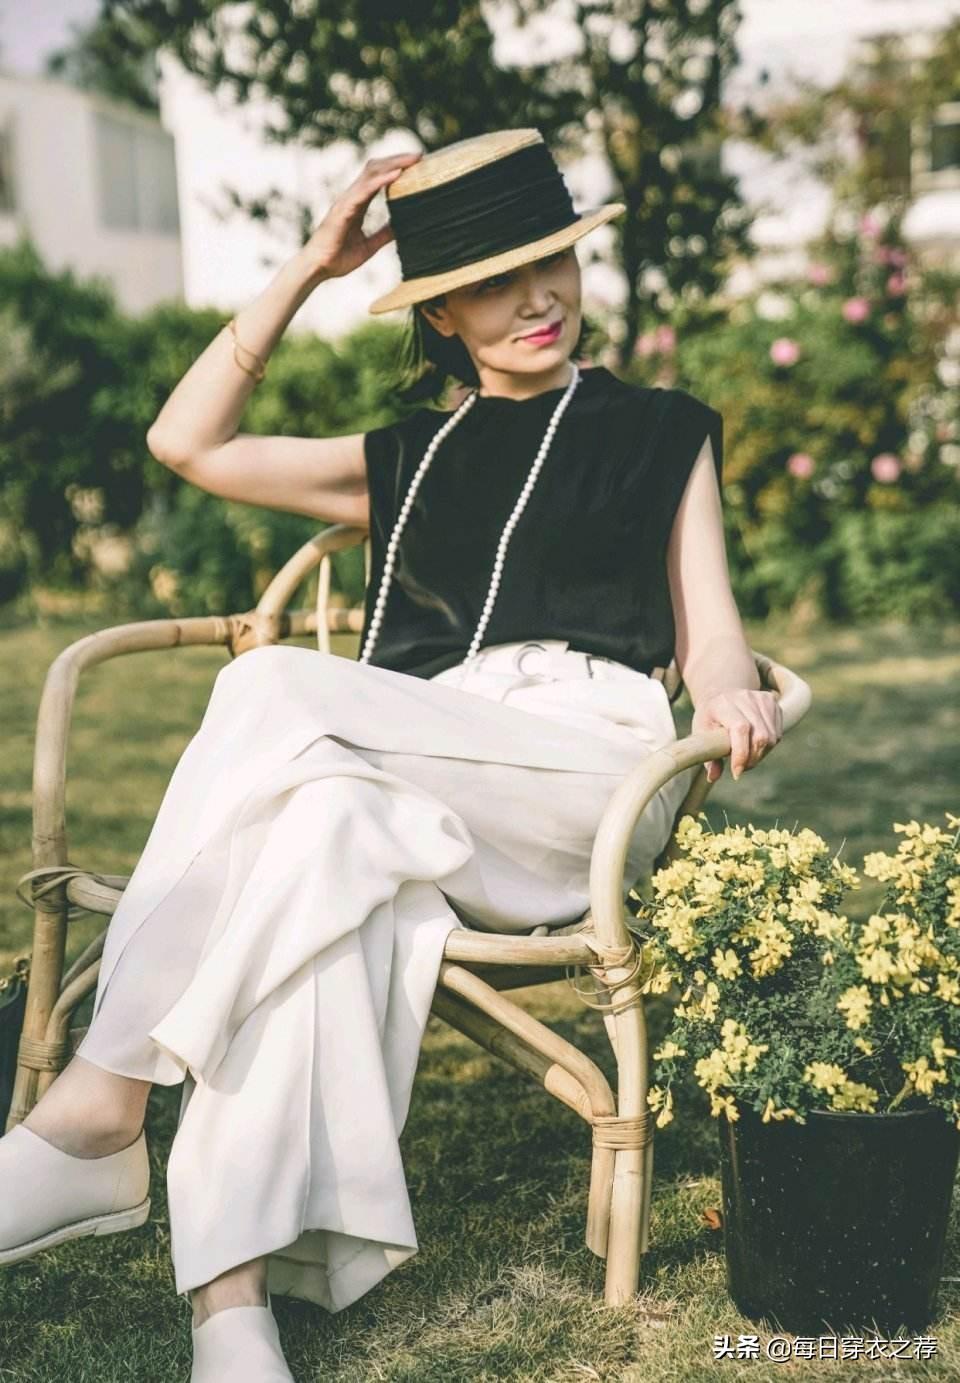 被日本国民美魔女折服!60岁比20岁还美!原来时尚和年龄无关